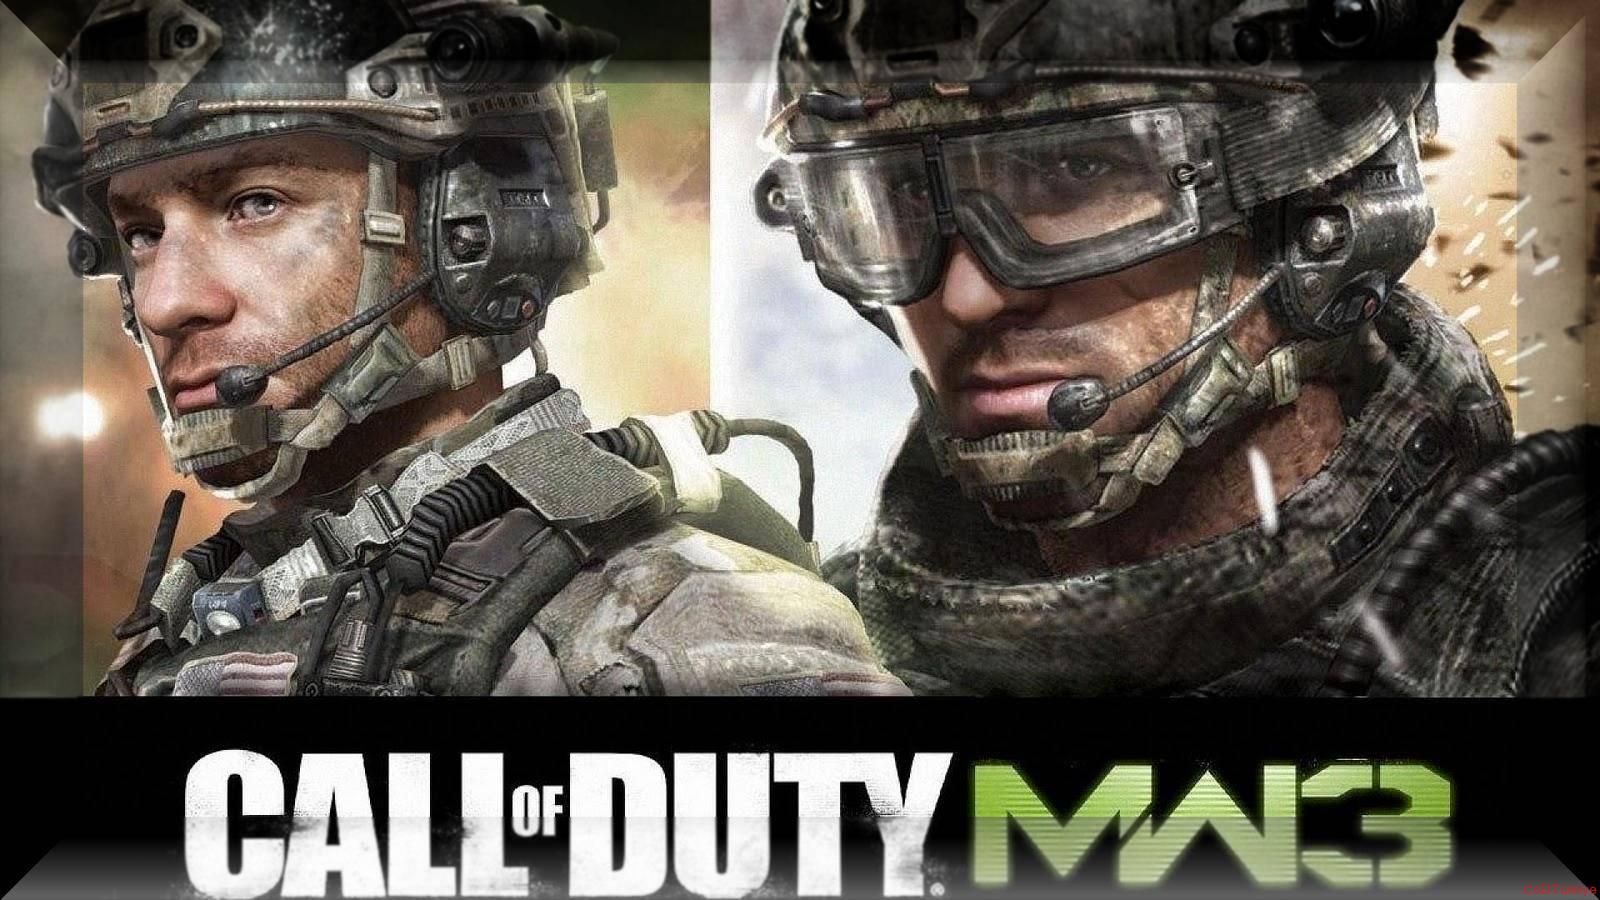 Call of Duty 8 Modern Warfare 3 Wallpaper Kristal Çerçevede